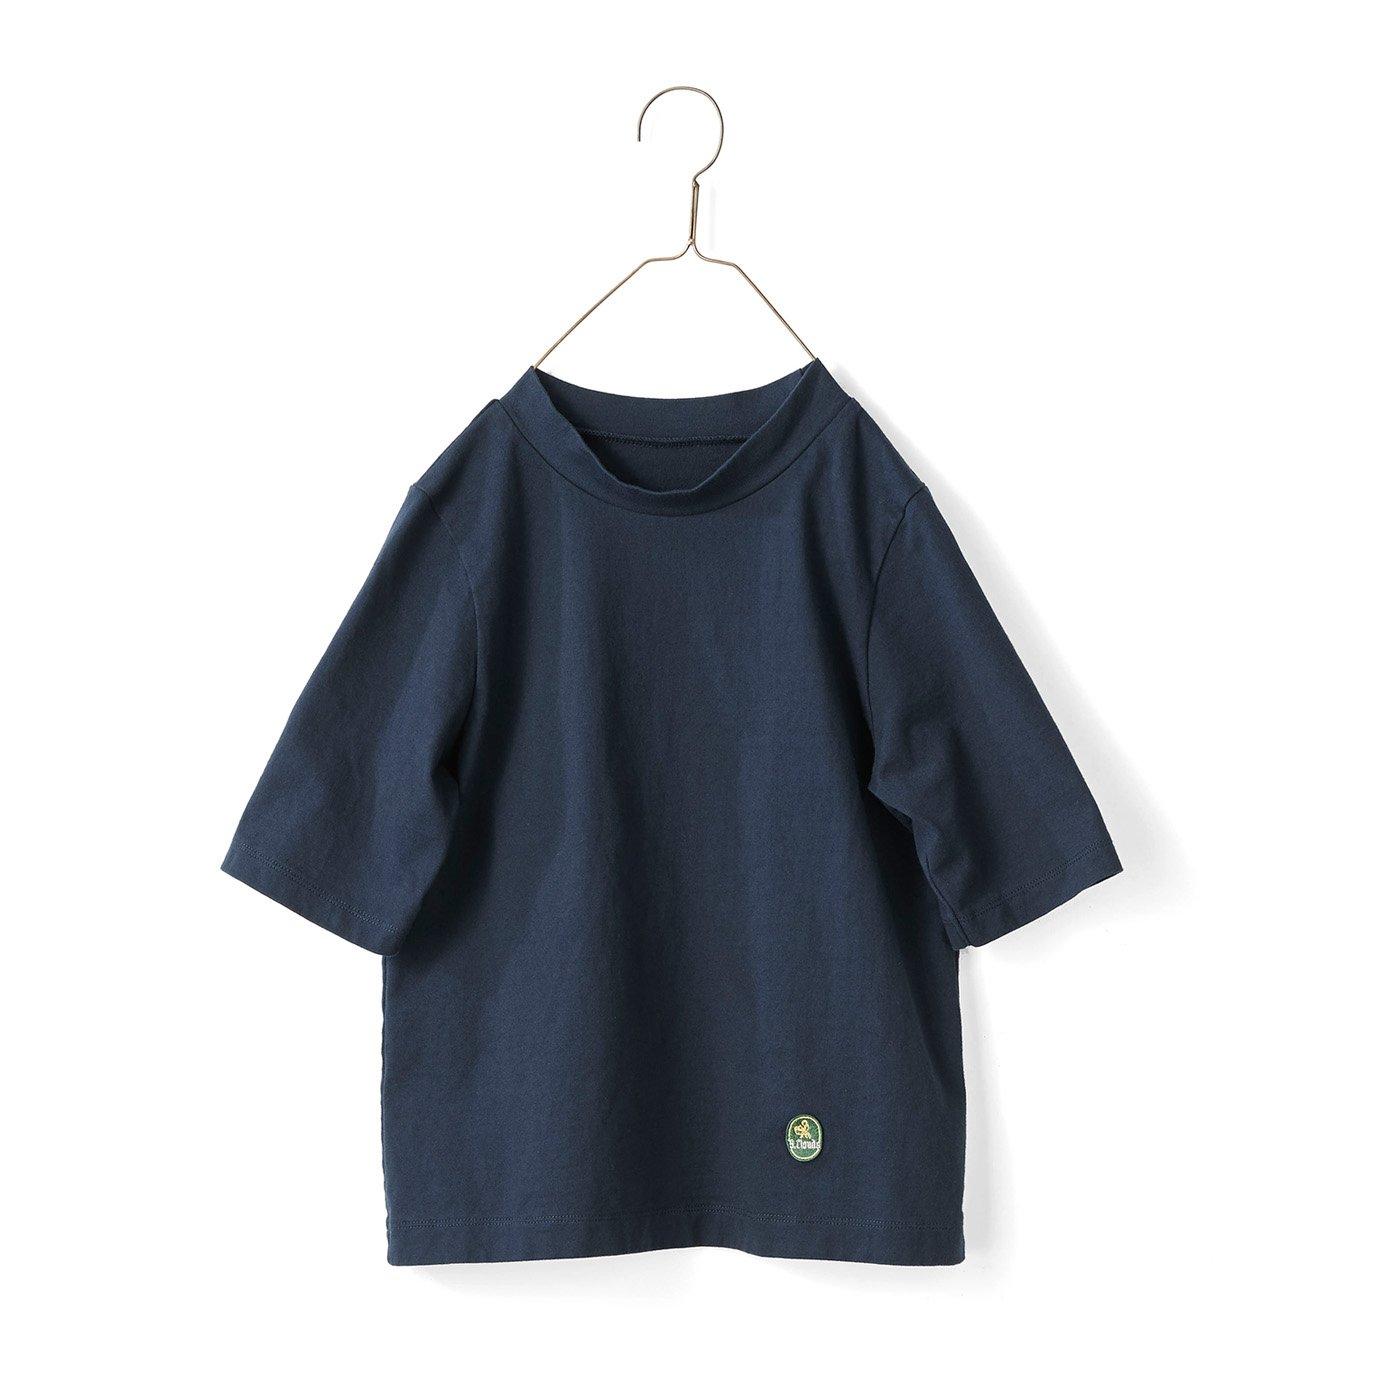 サニークラウズ 果物色のTシャツ〈レディース〉ブラックベリー